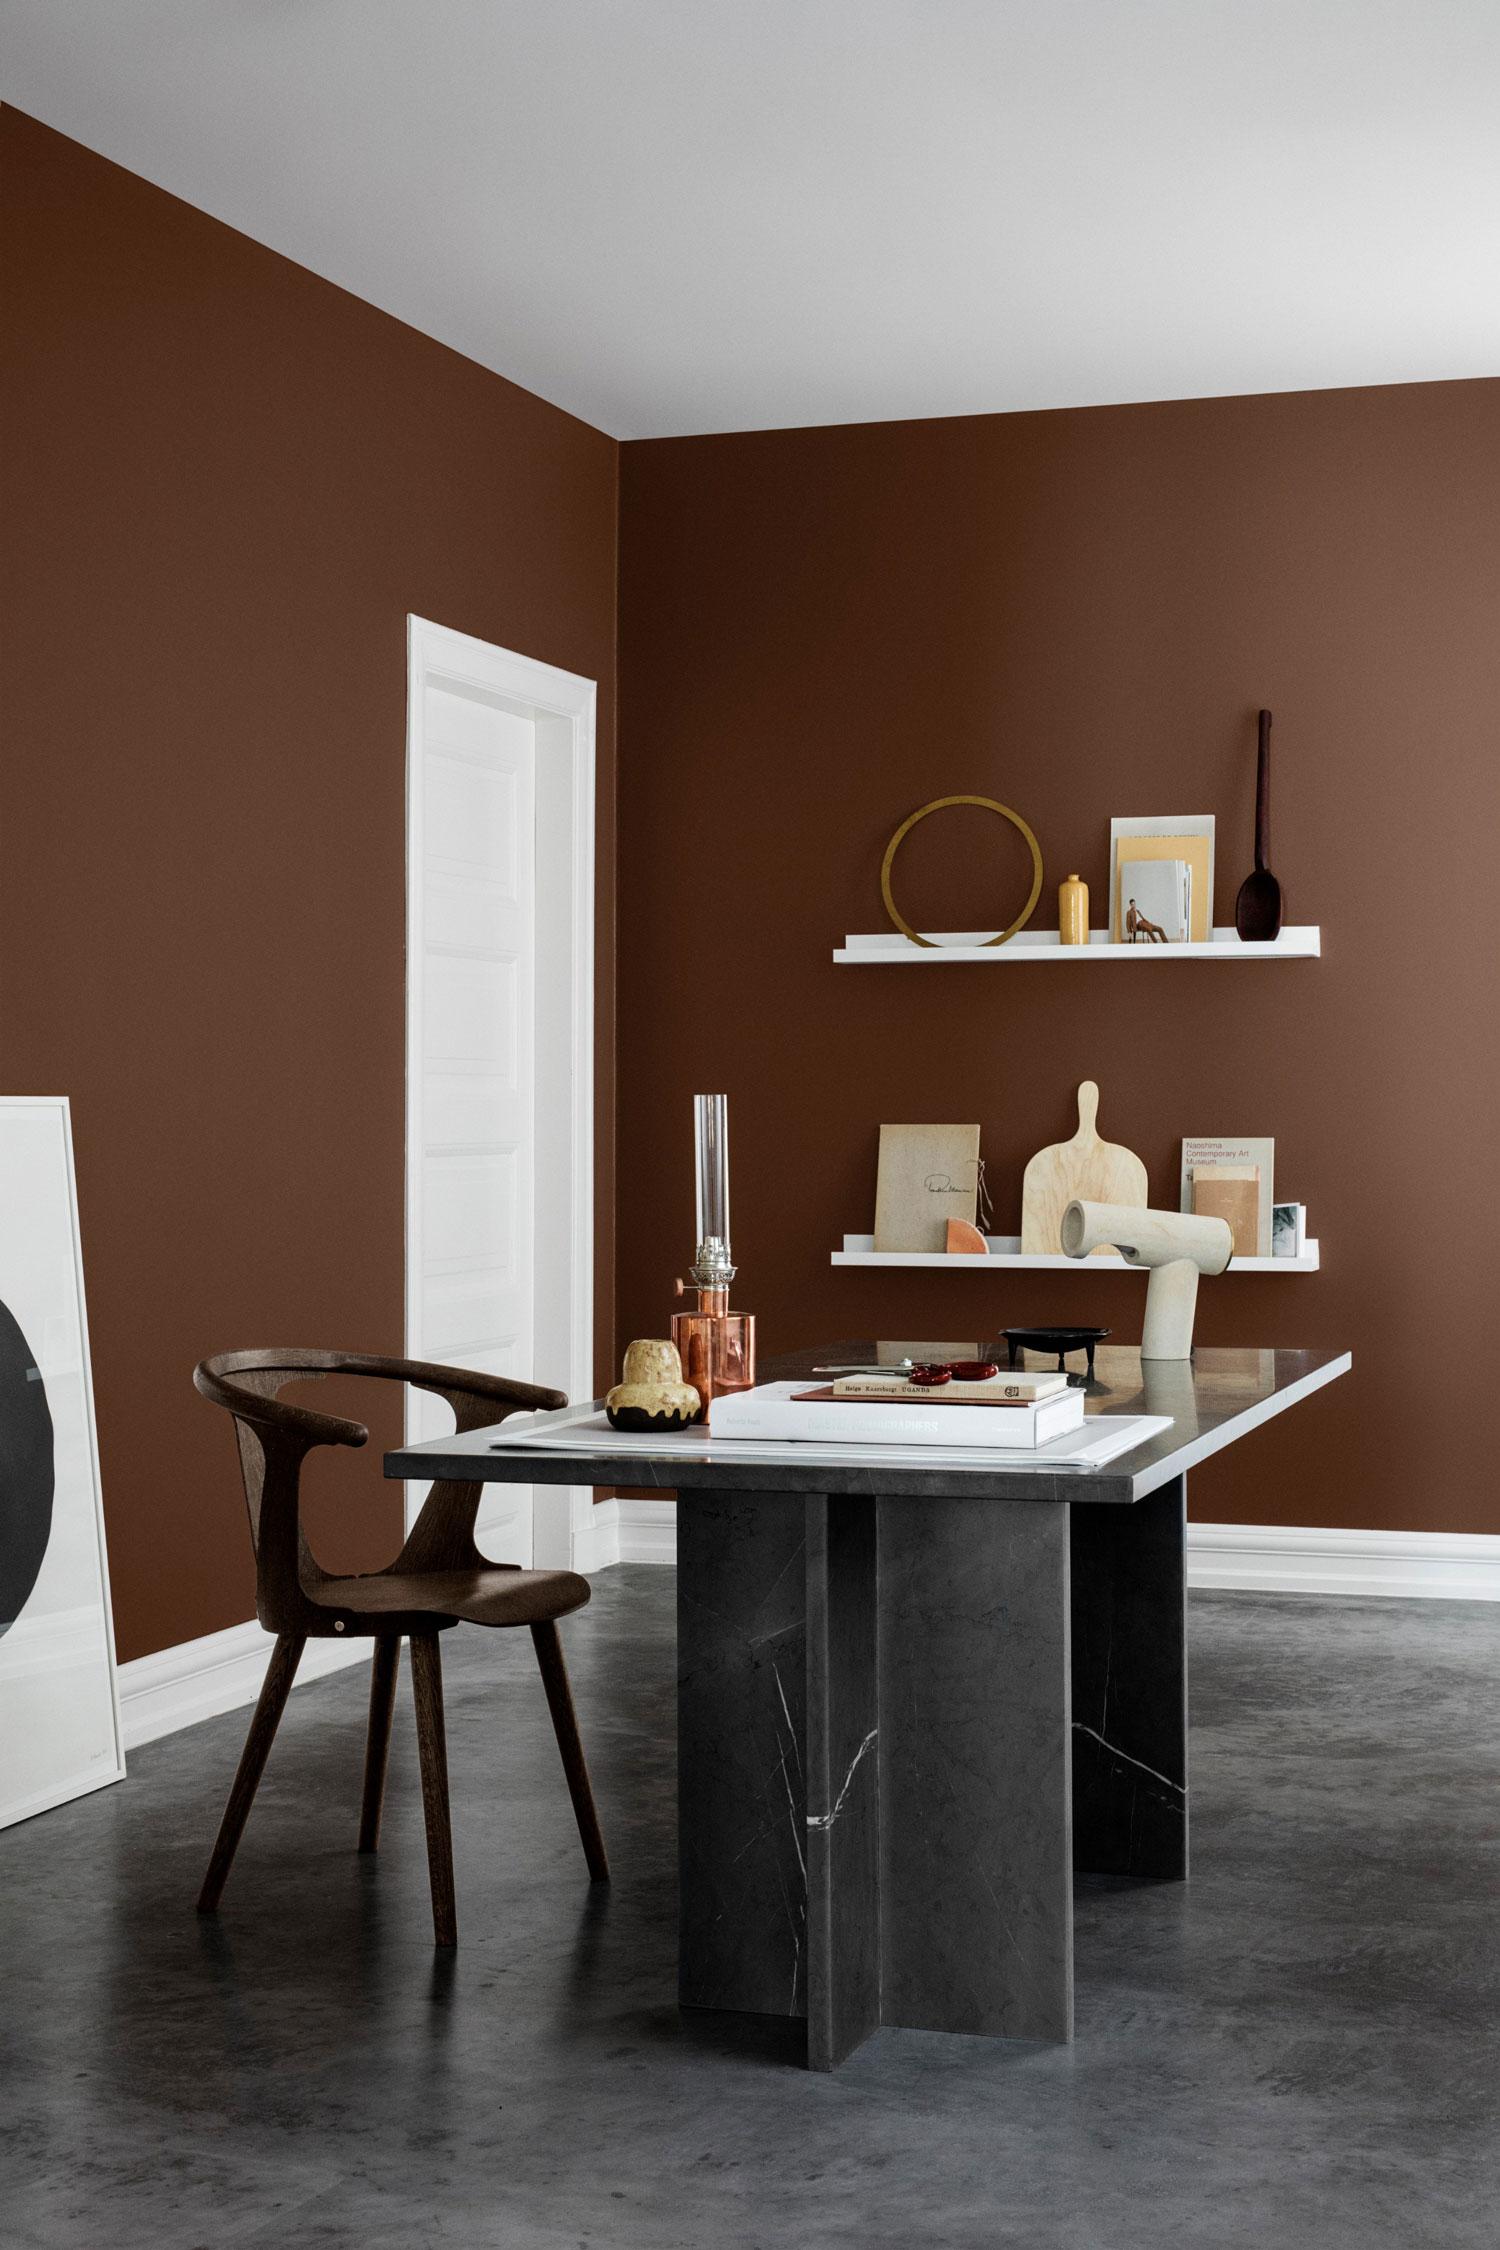 Сочетание коричневого цвета в интерьере минимализма